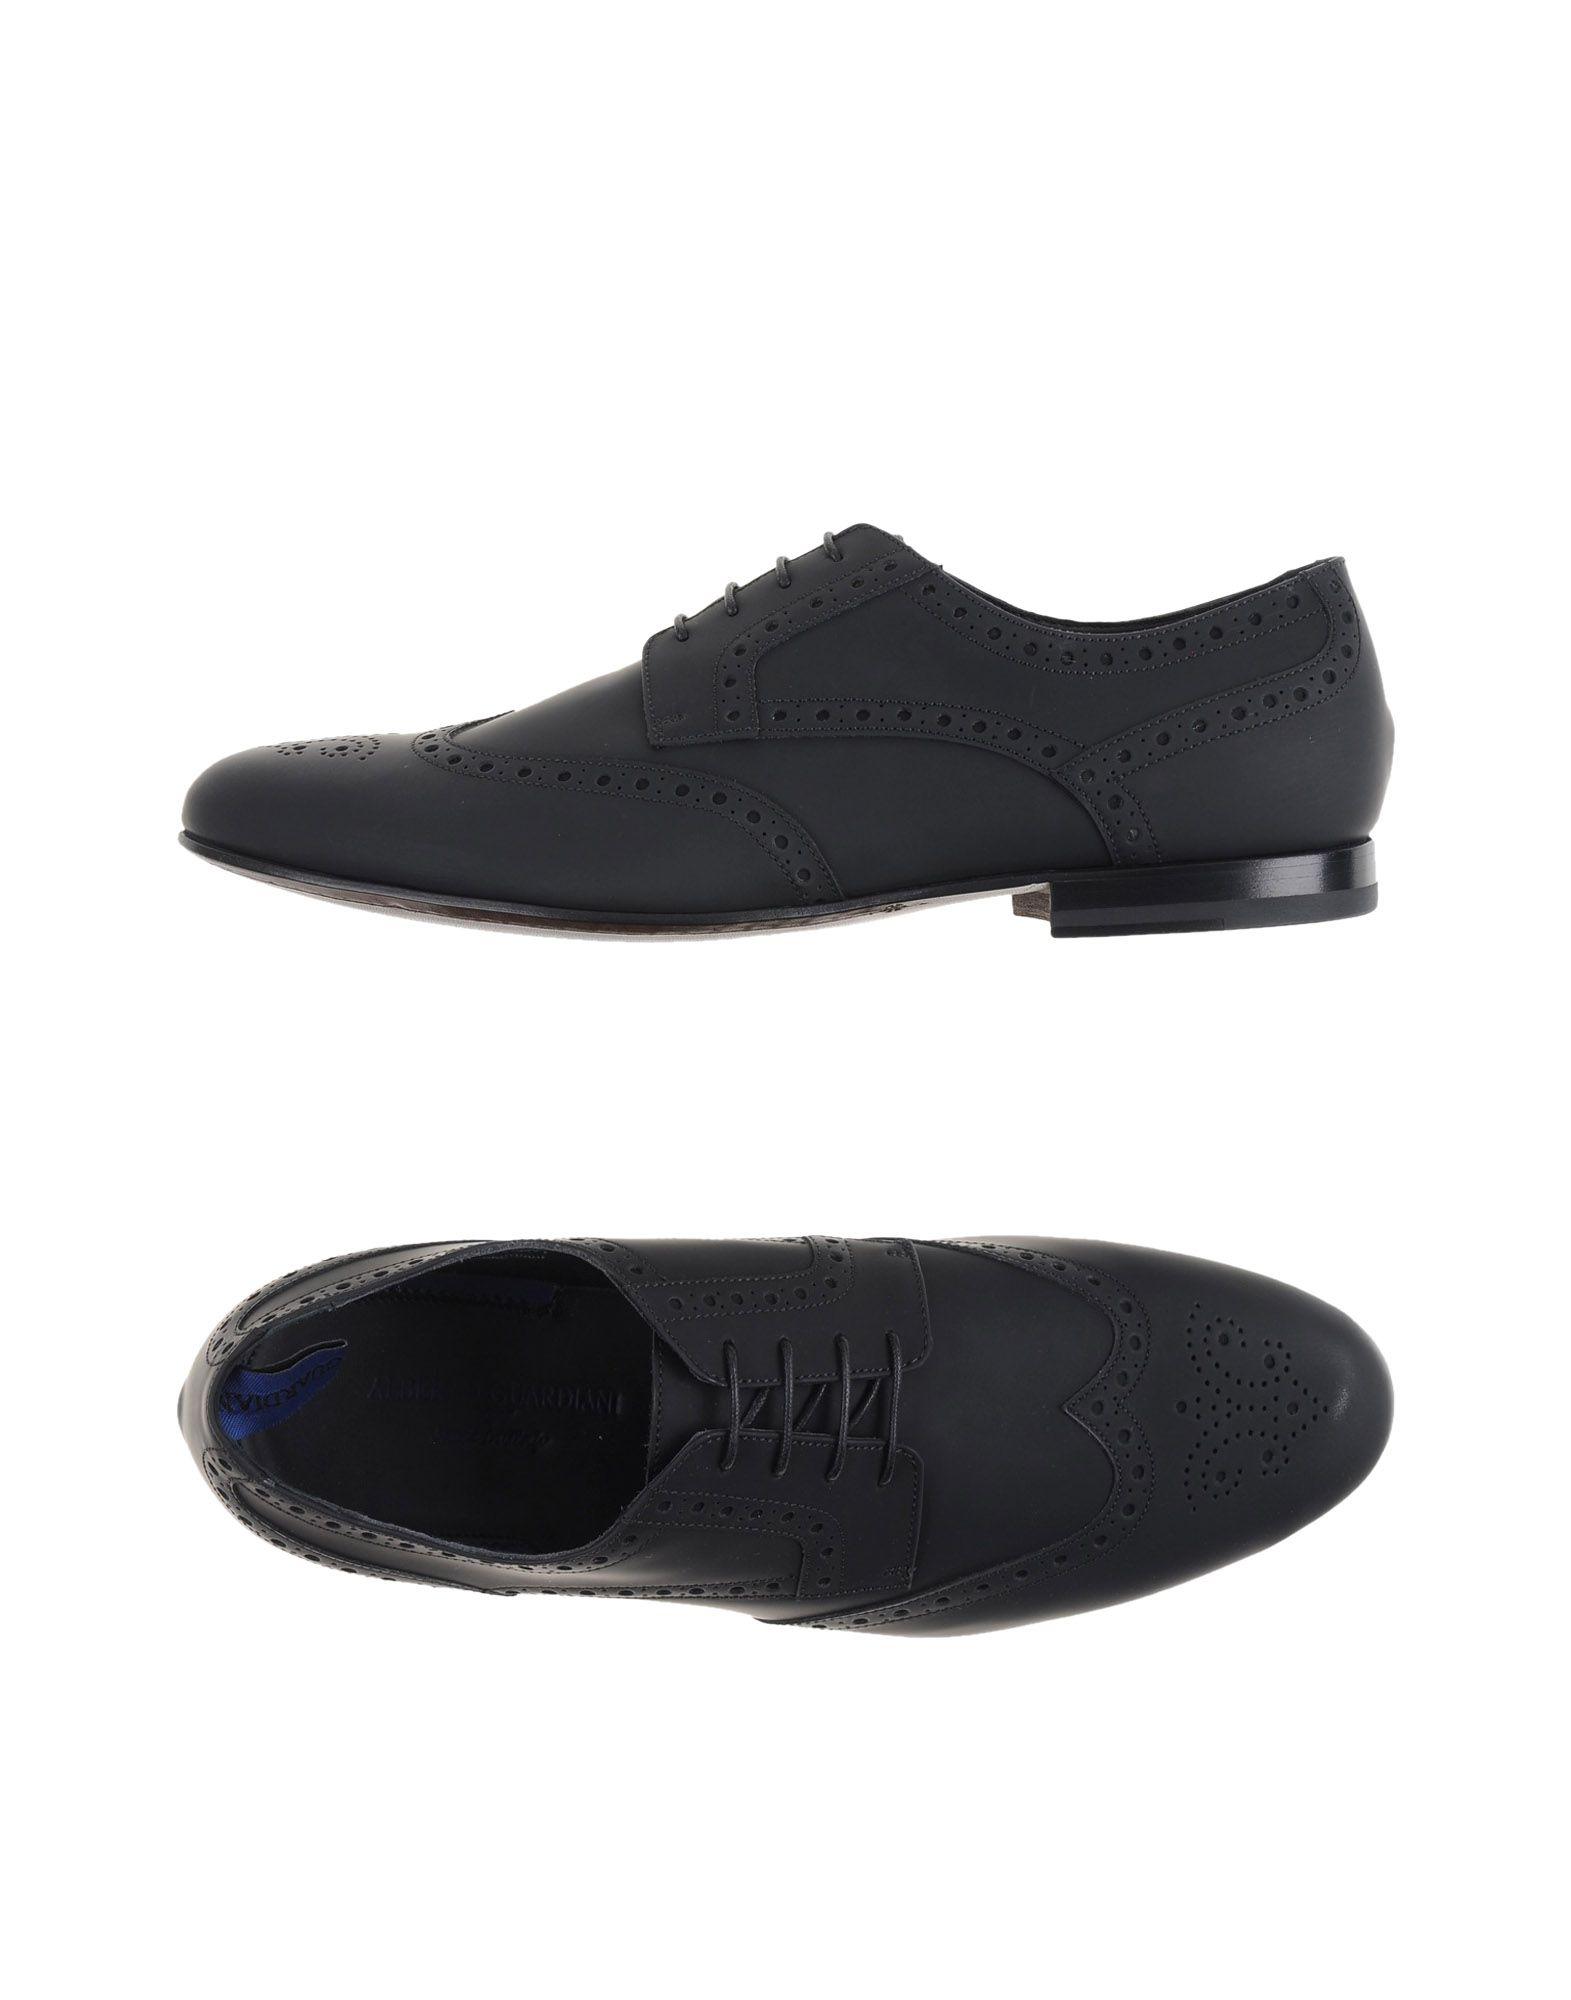 Alberto 11047281DV Guardiani Schnürschuhe Herren  11047281DV Alberto Gute Qualität beliebte Schuhe 868738